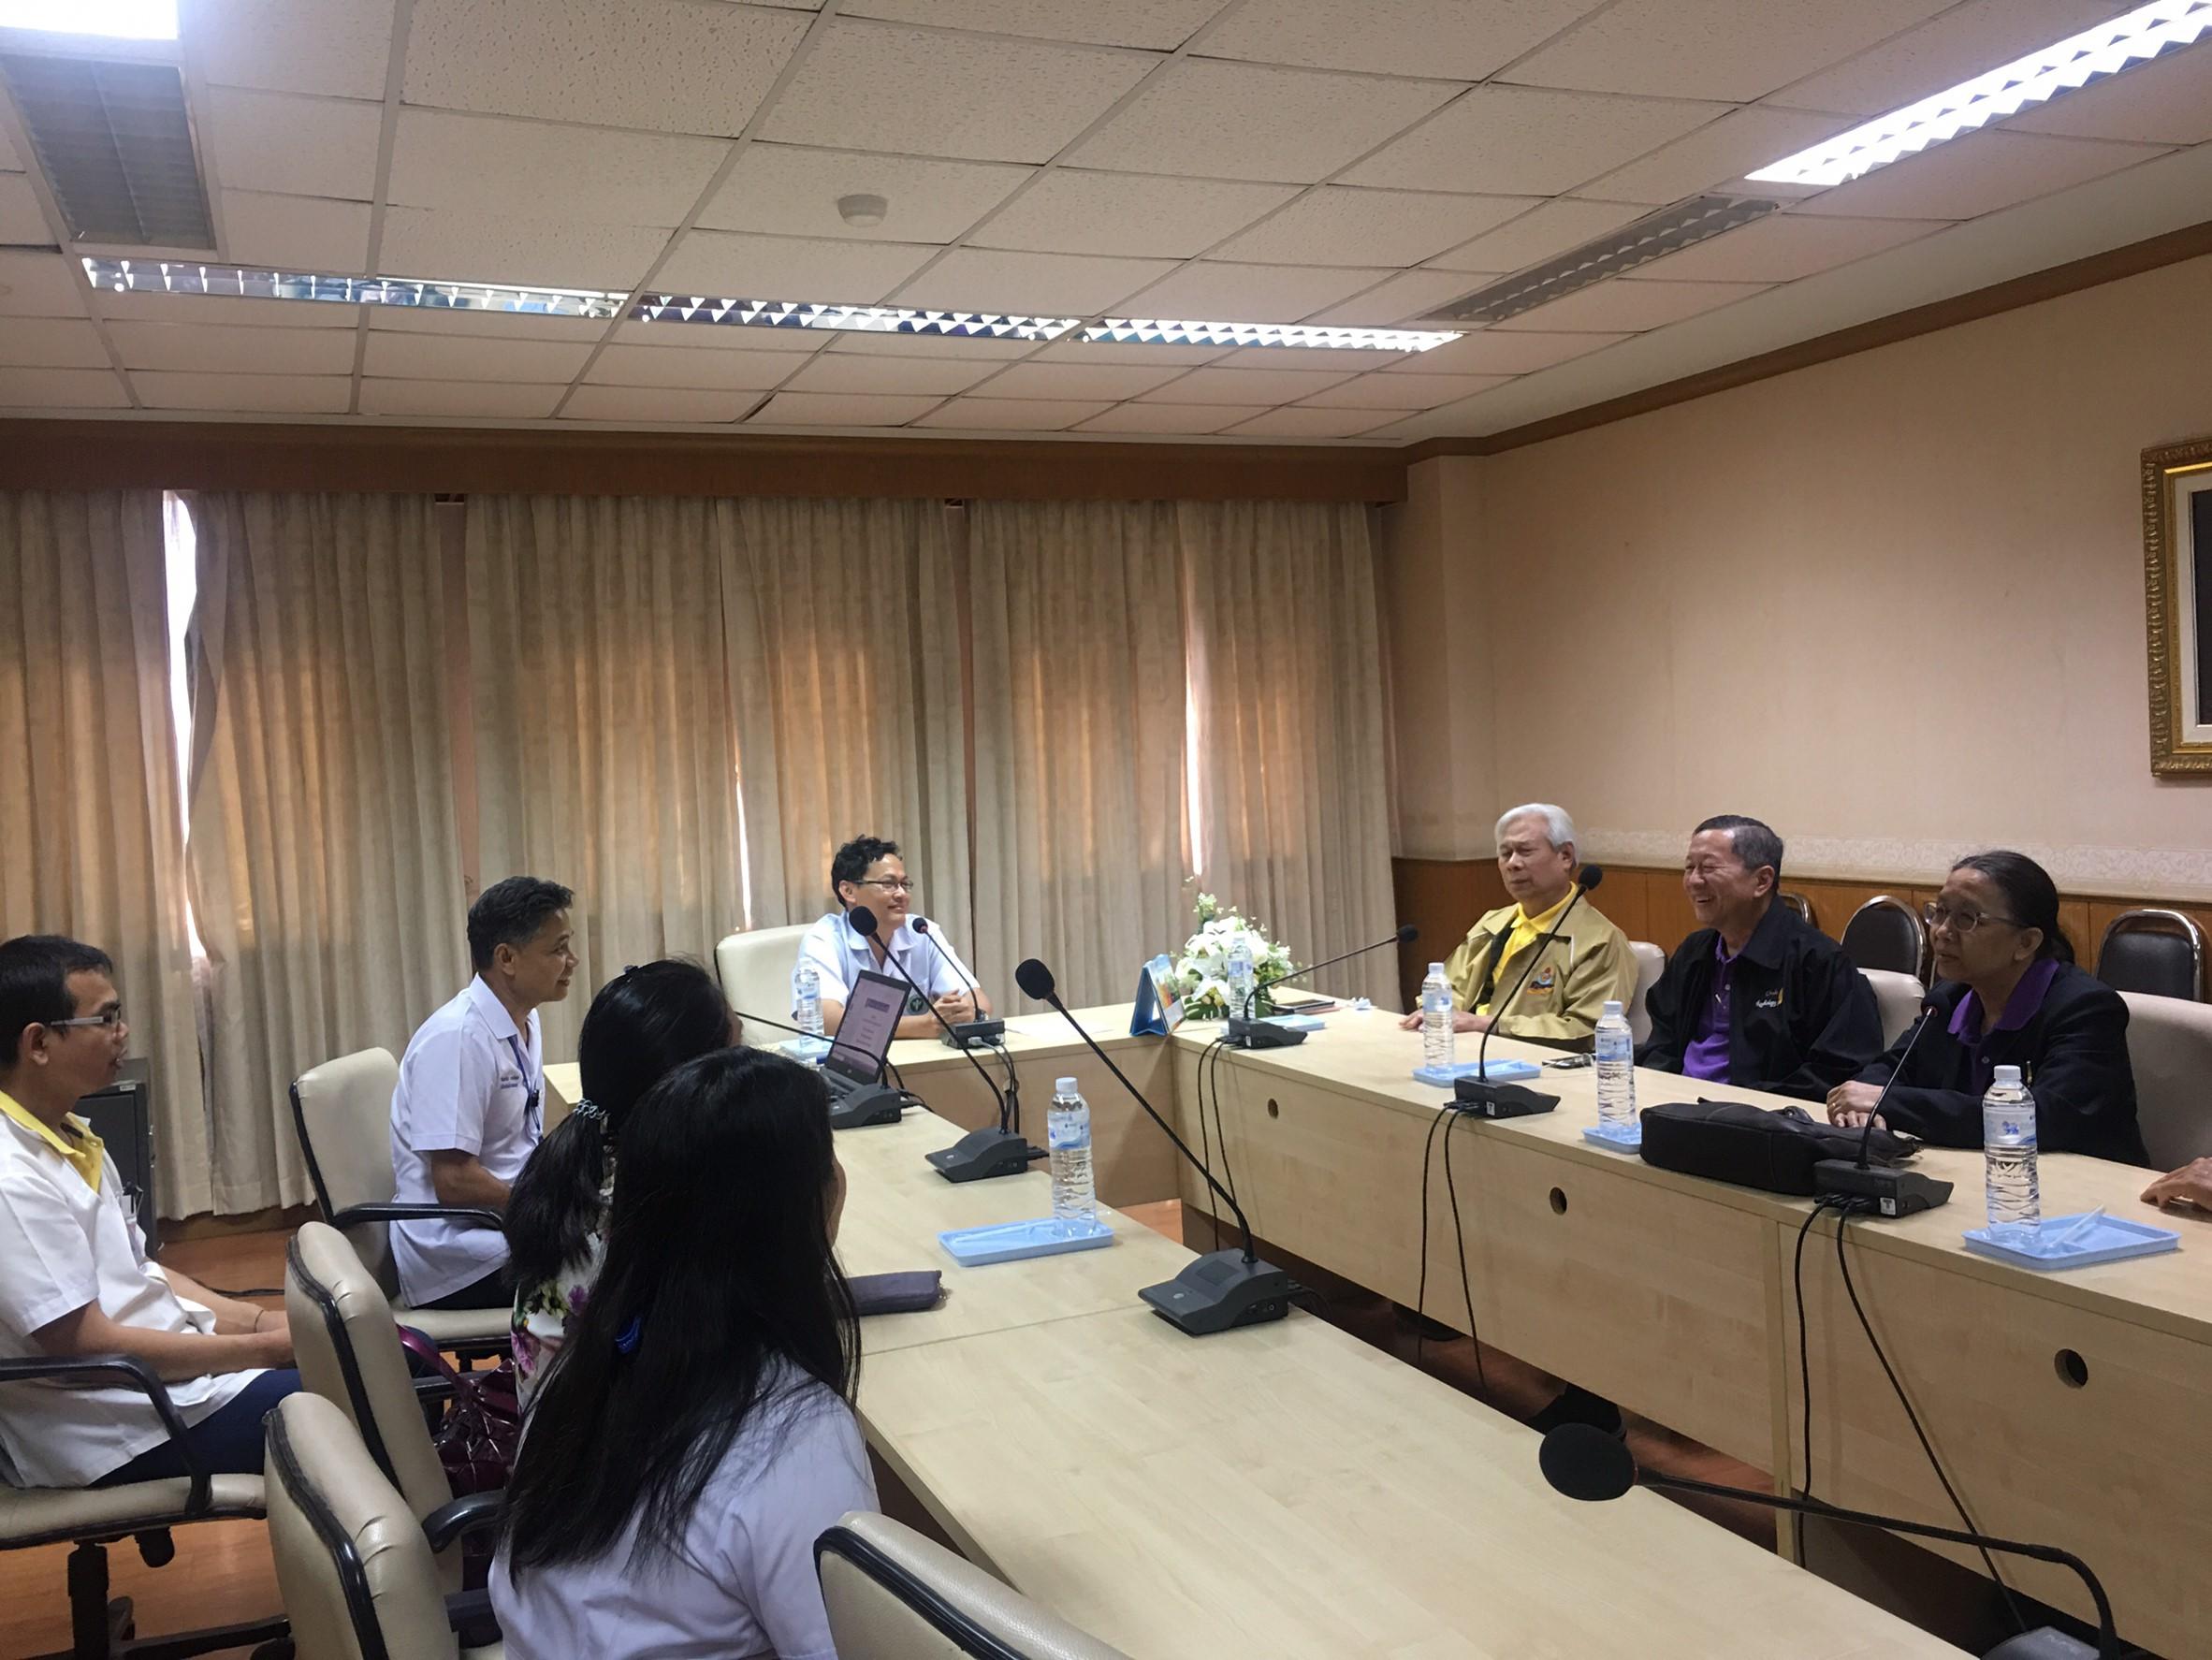 ประชุมวิชาการร่วมกับรังสีการแพทย์แห่งประเทศไทย ครั้งที่17 27-29 พ.ย. - พร้อมเข้าเยี่ยมและให้กำลังใจหน่วยงานรังสีวิทยาในพื้นที่จังหวัดอุบลราชธานีระหว่างวันที่ 25-26 พฤศจิกายน 2562 43